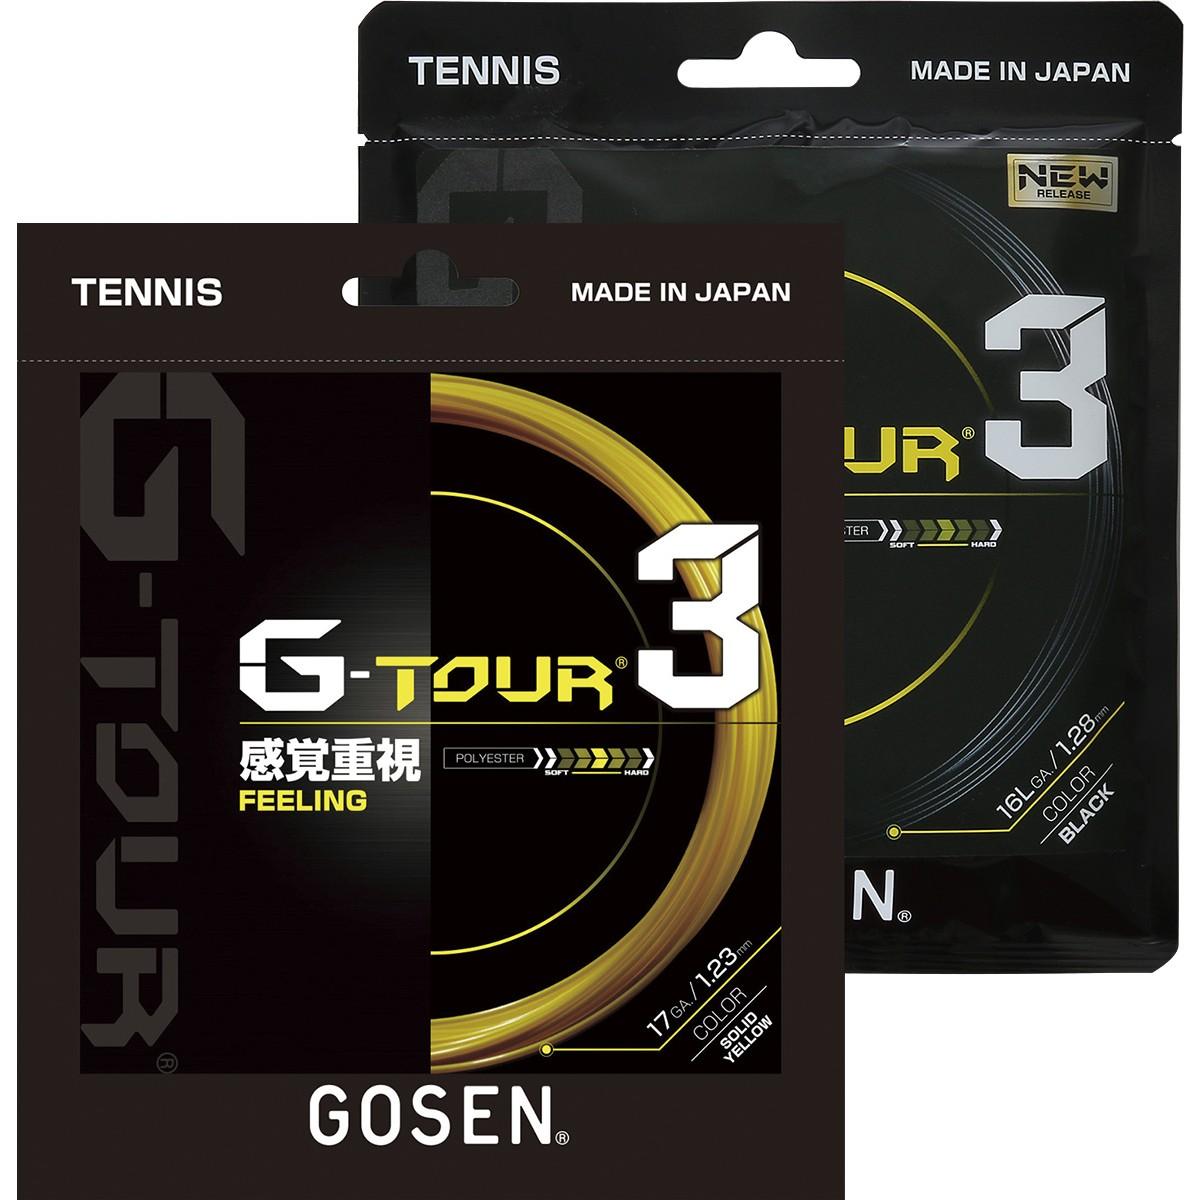 GOSEN G TOUR 3 (12 METRES) STRING